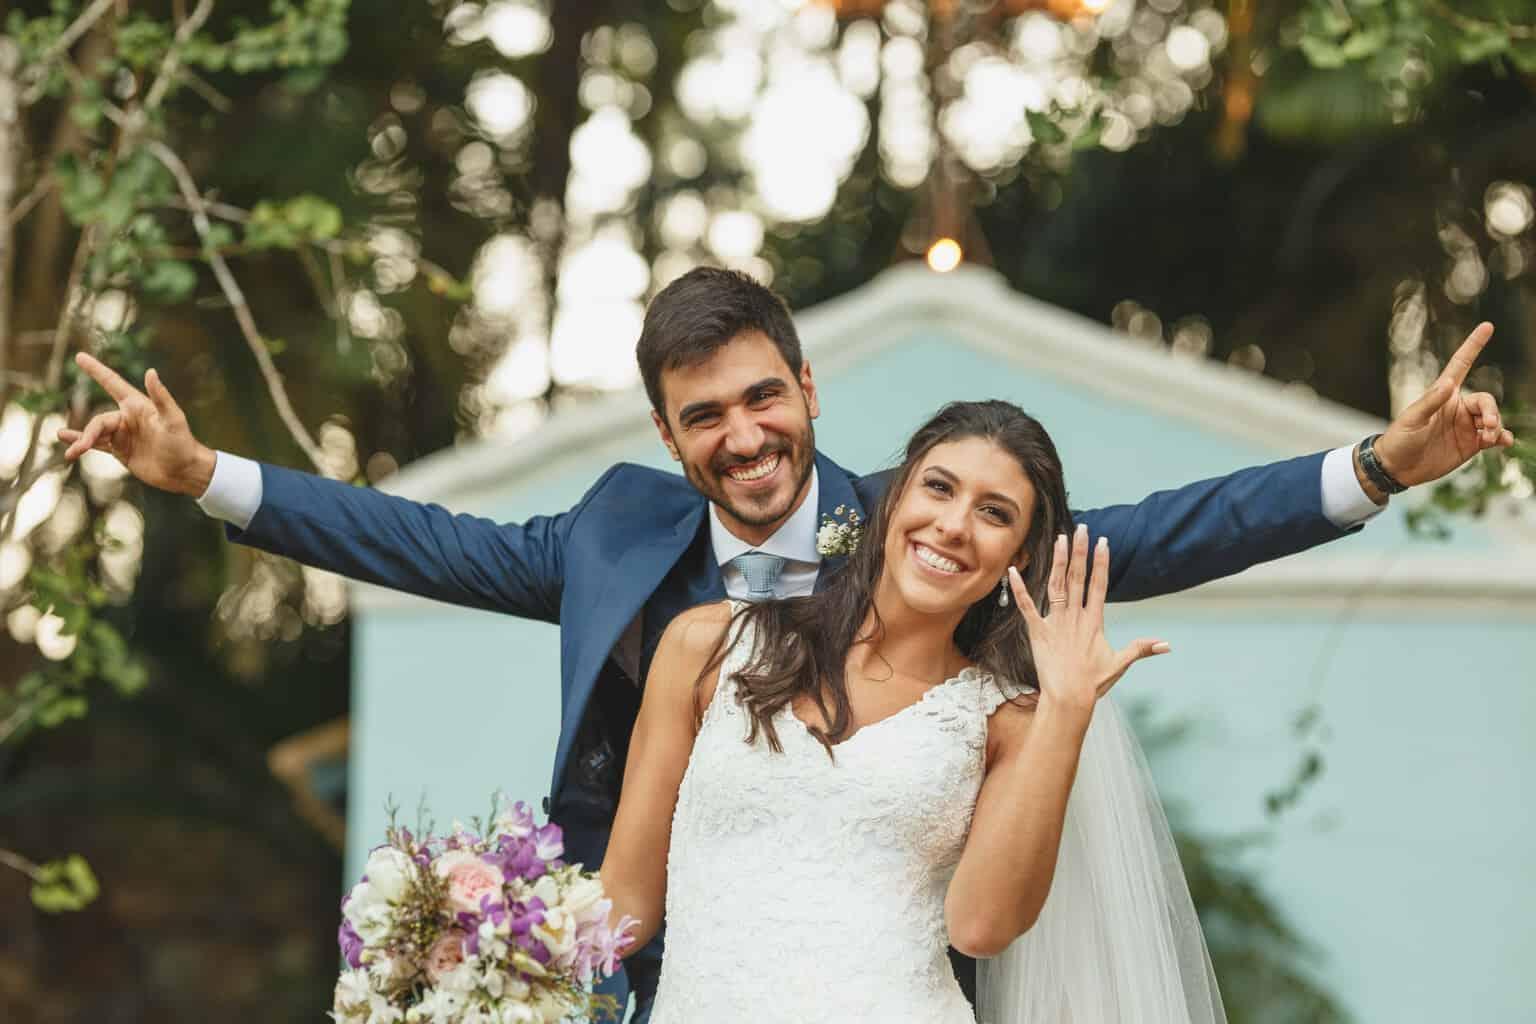 casamento-na-Fazenda-Vila-Rica-cerimonial-Ana-Paula-Tabet-foto-dos-noivos-Fotografia-Euka-Weddings-Renata-e-Gabriel125